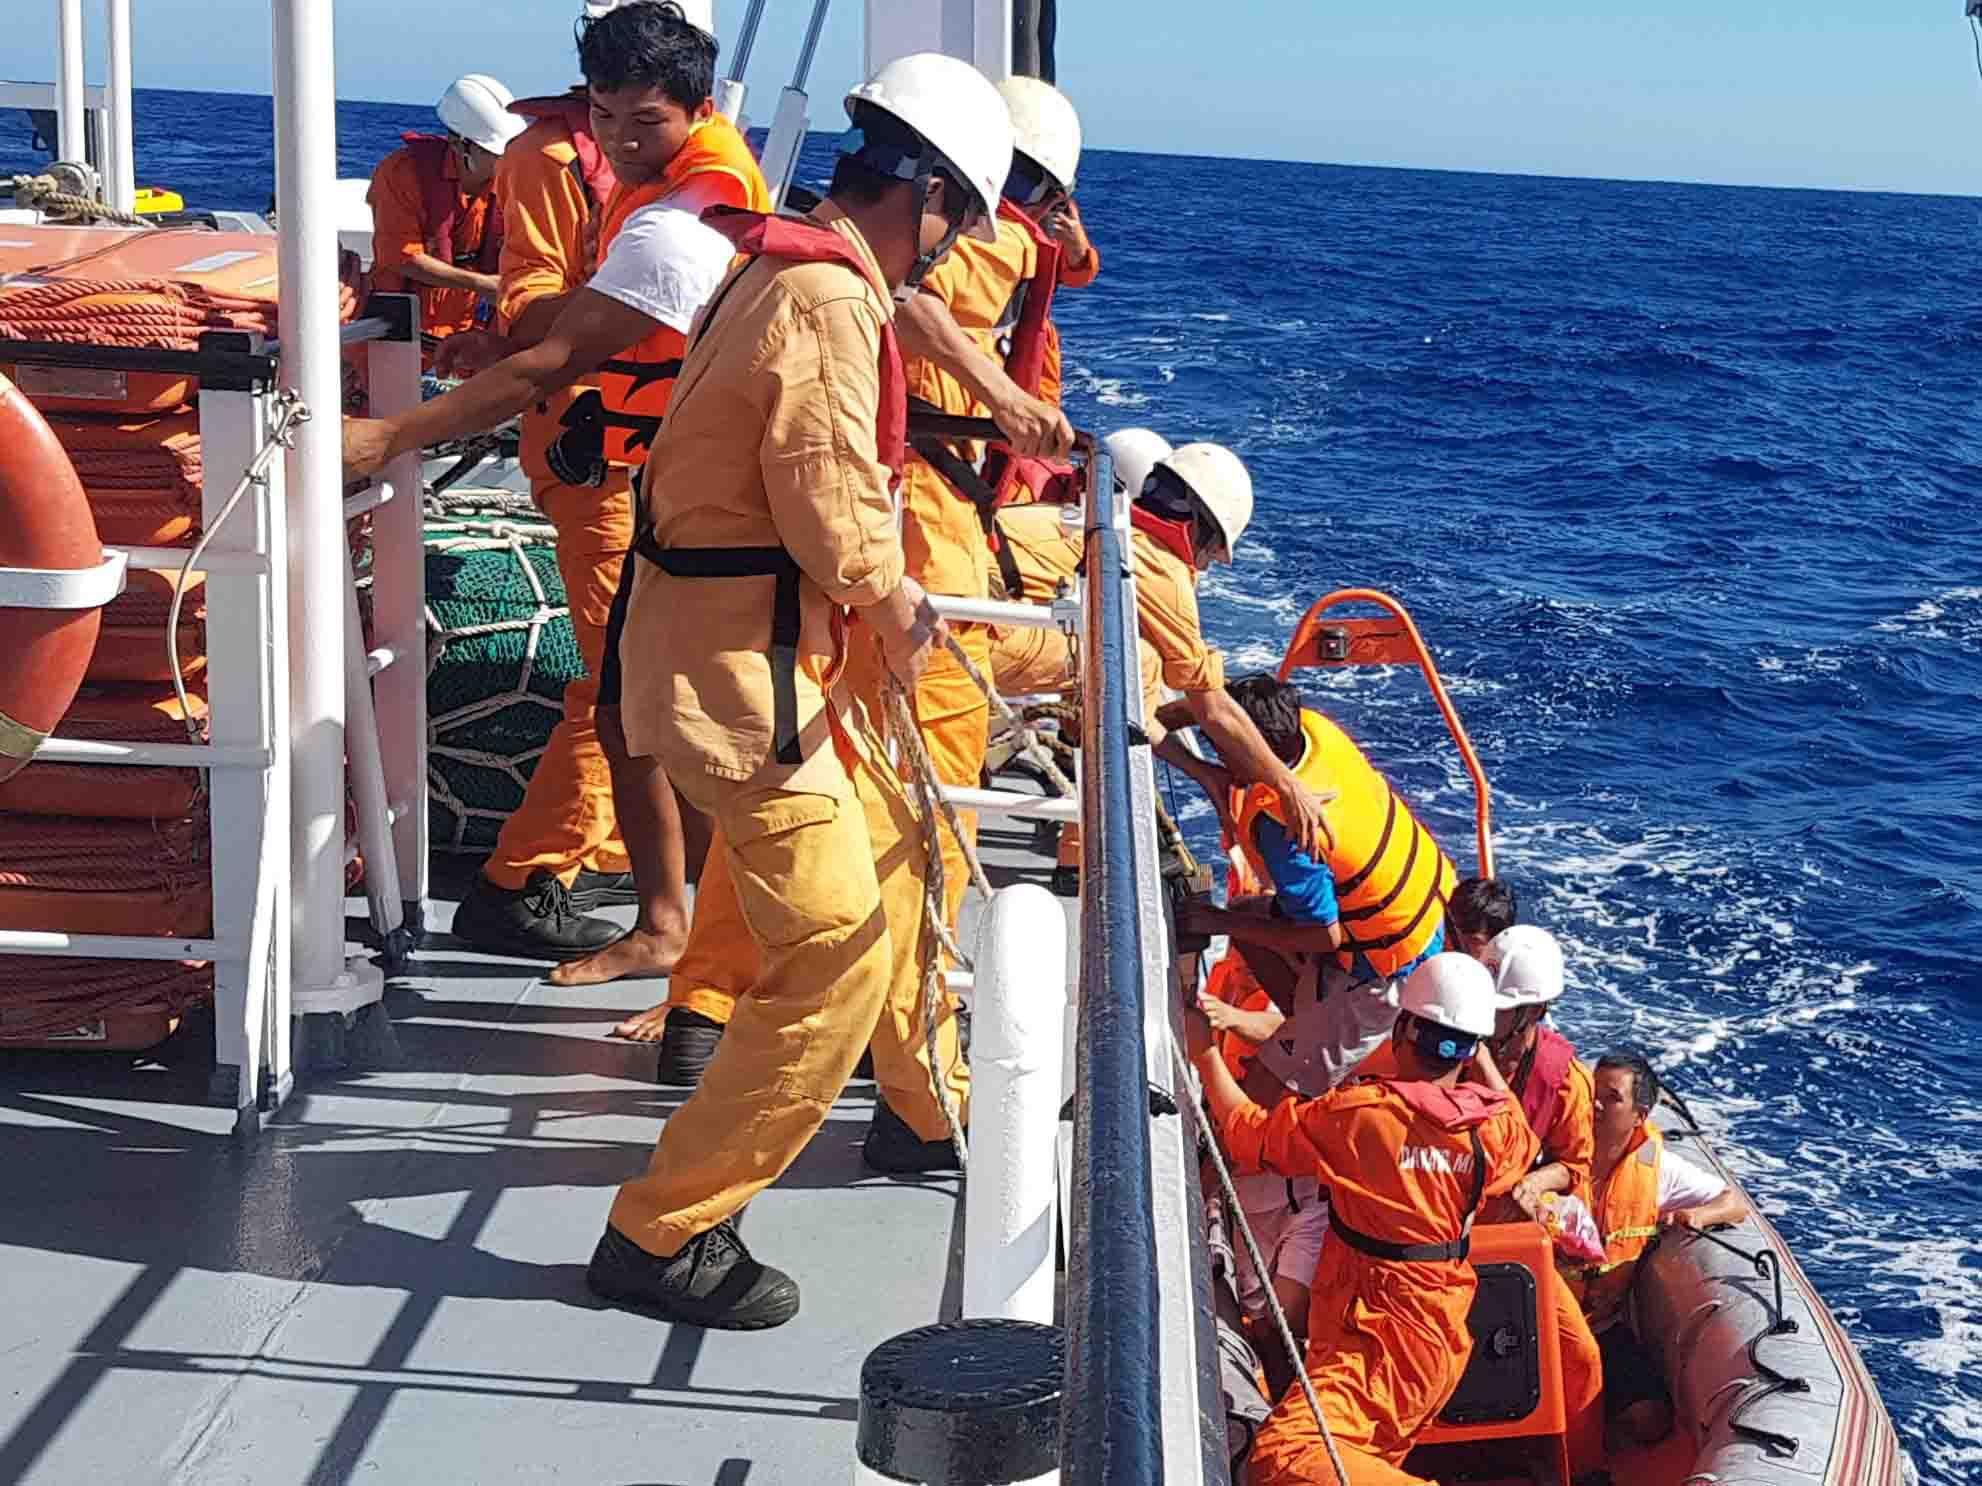 06 thuyền viên gặp nạn tàu QB 93838 TS được lực lượng cứu nạn hàng hải tìm kiếm và cứu sống